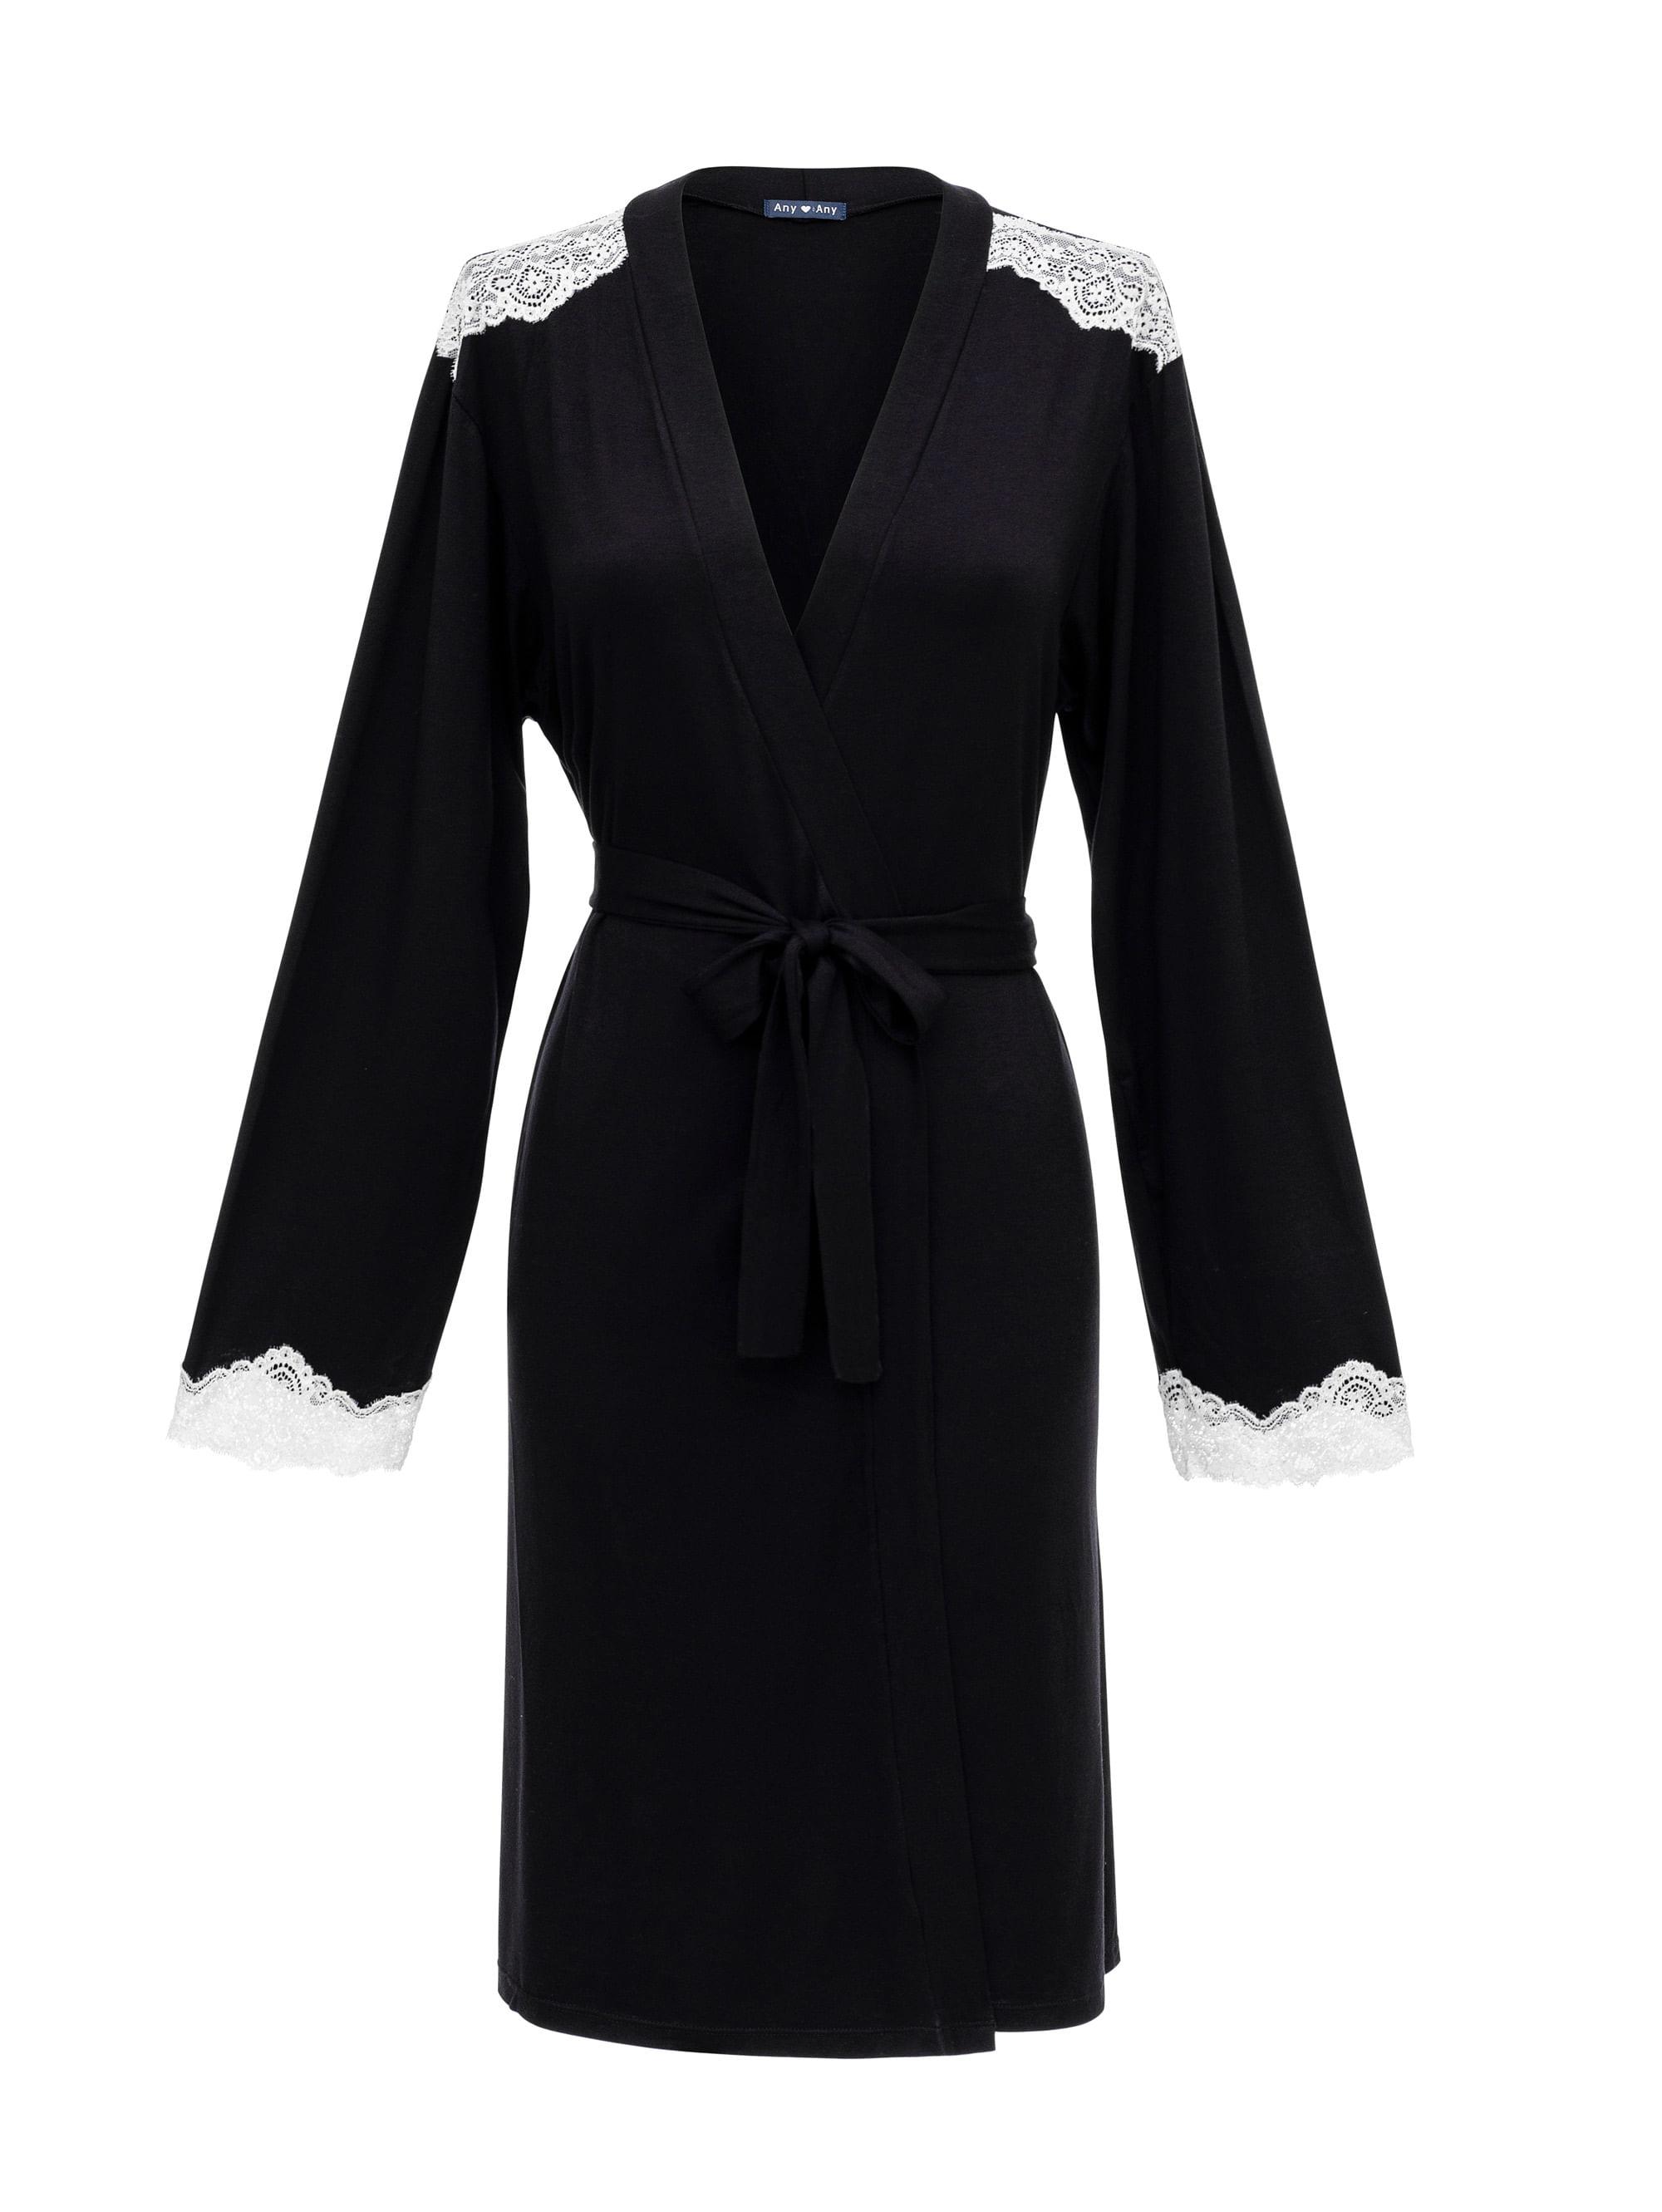 Robe-Leandra-Black-Any-Any